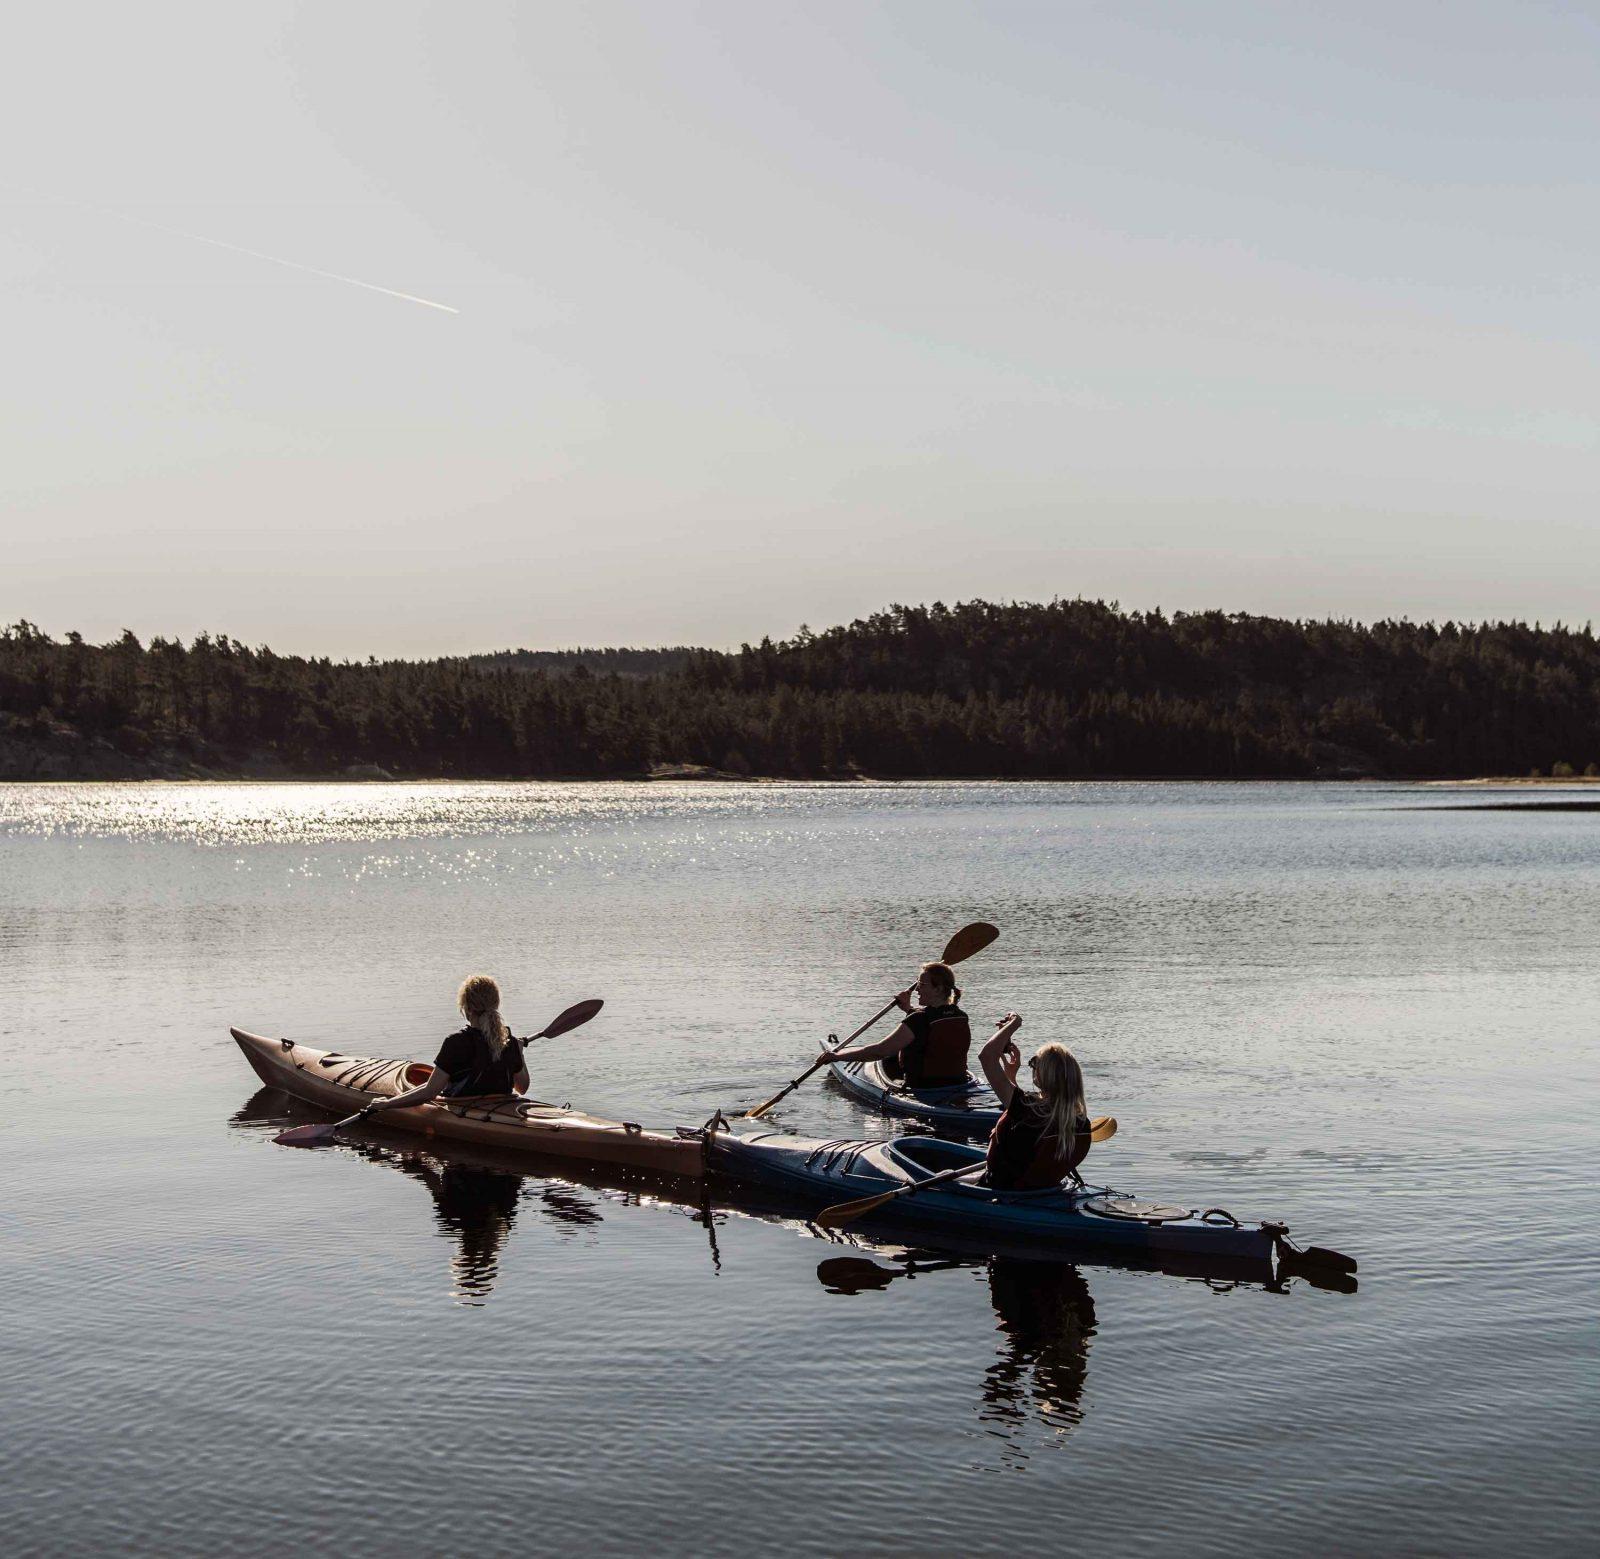 Padla kajak och kanot - Bokenäset Hotell & Konferens